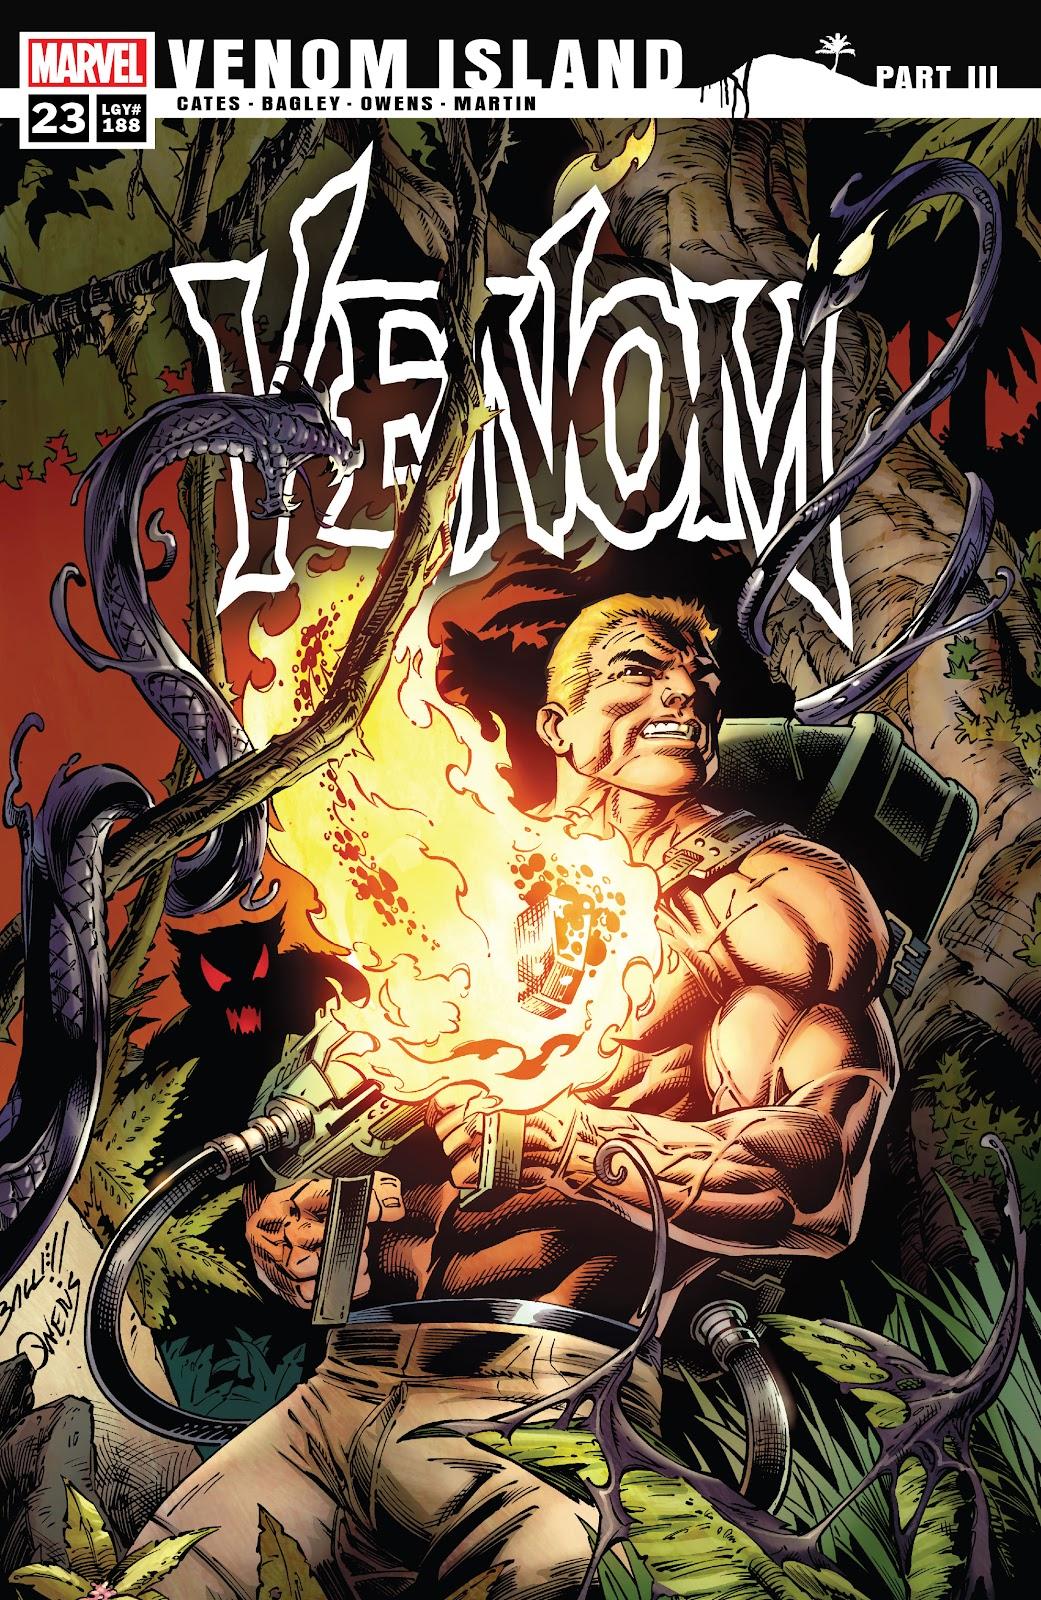 Venom (2018) issue 23 - Page 1